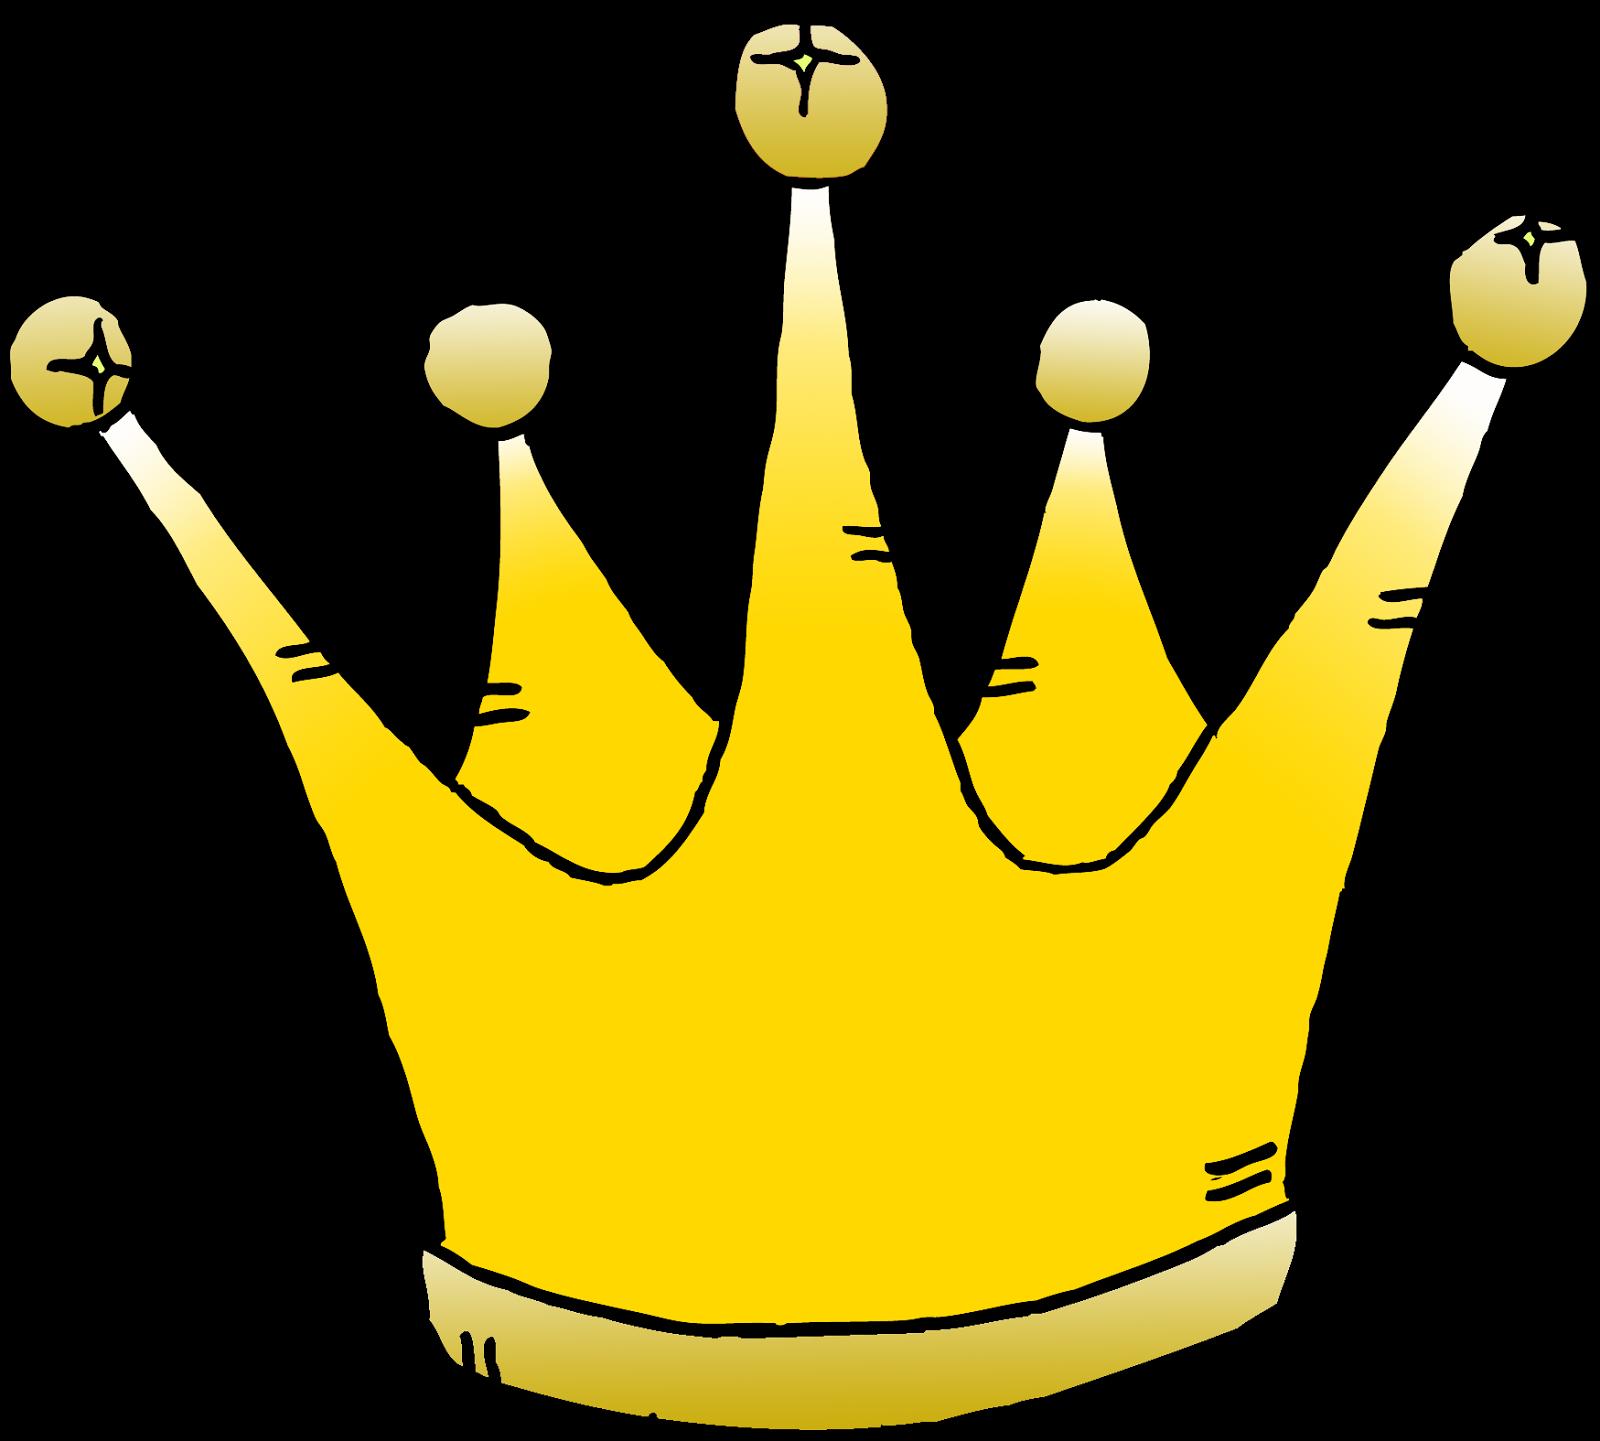 1600x1441 Black Royal Crown Silhouette Free Clip Art